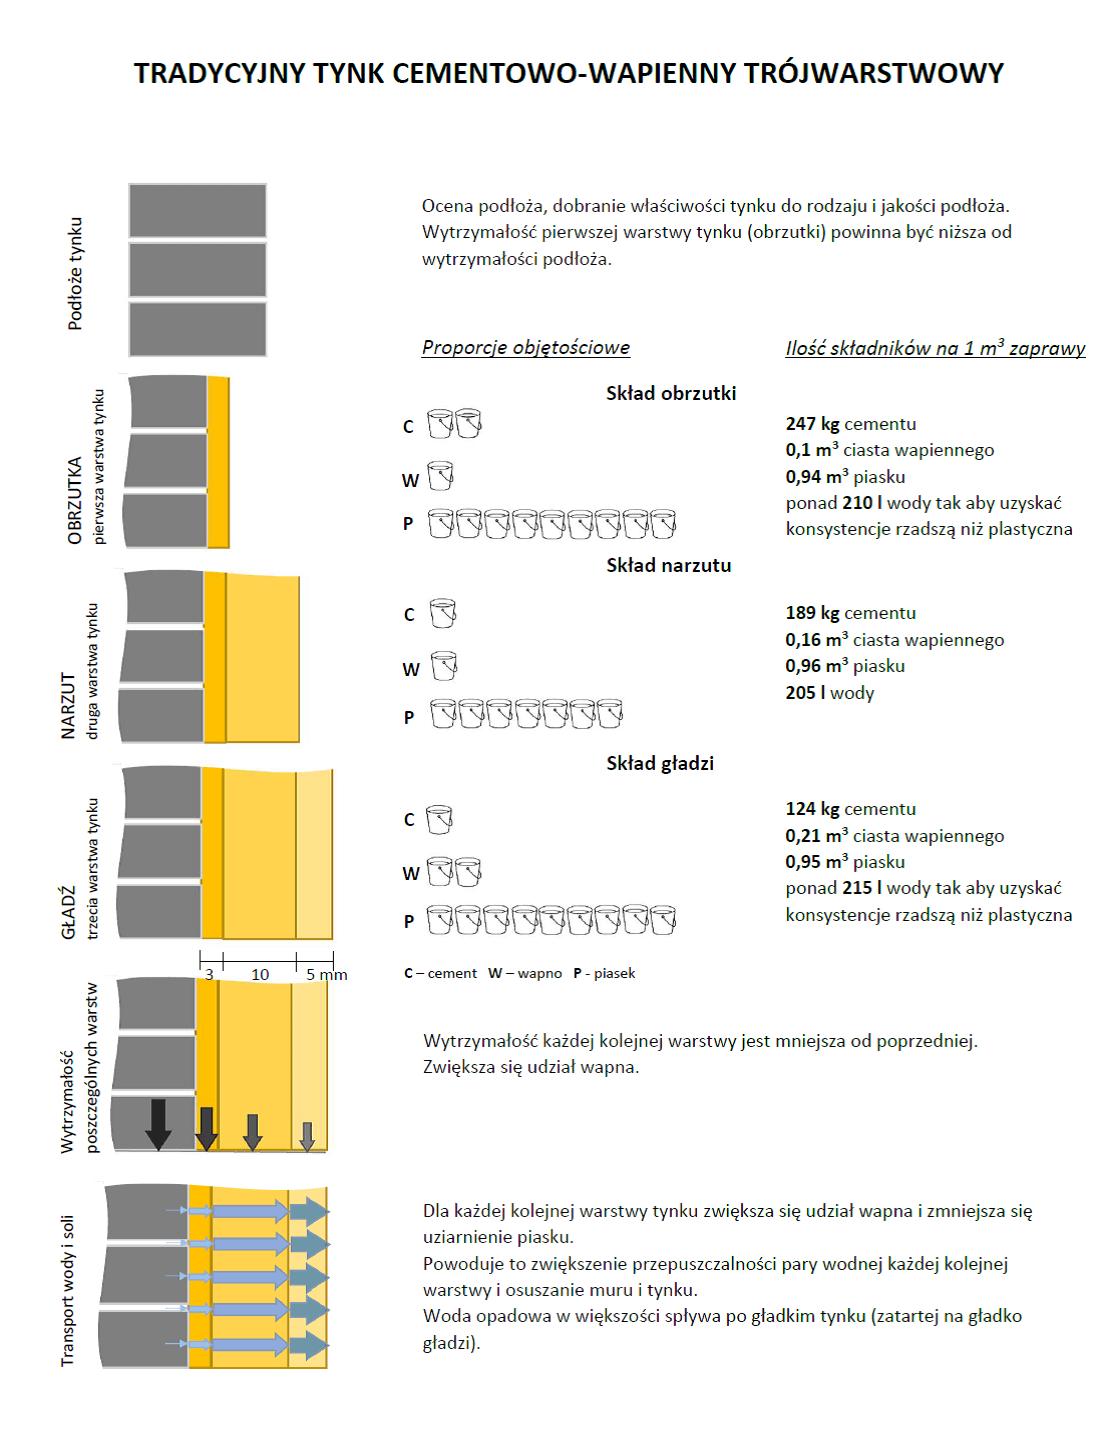 Tradycyjny tynk cementowo-wapienny trójwarstwowy - rola poszczególnych warstw i proporcje składników